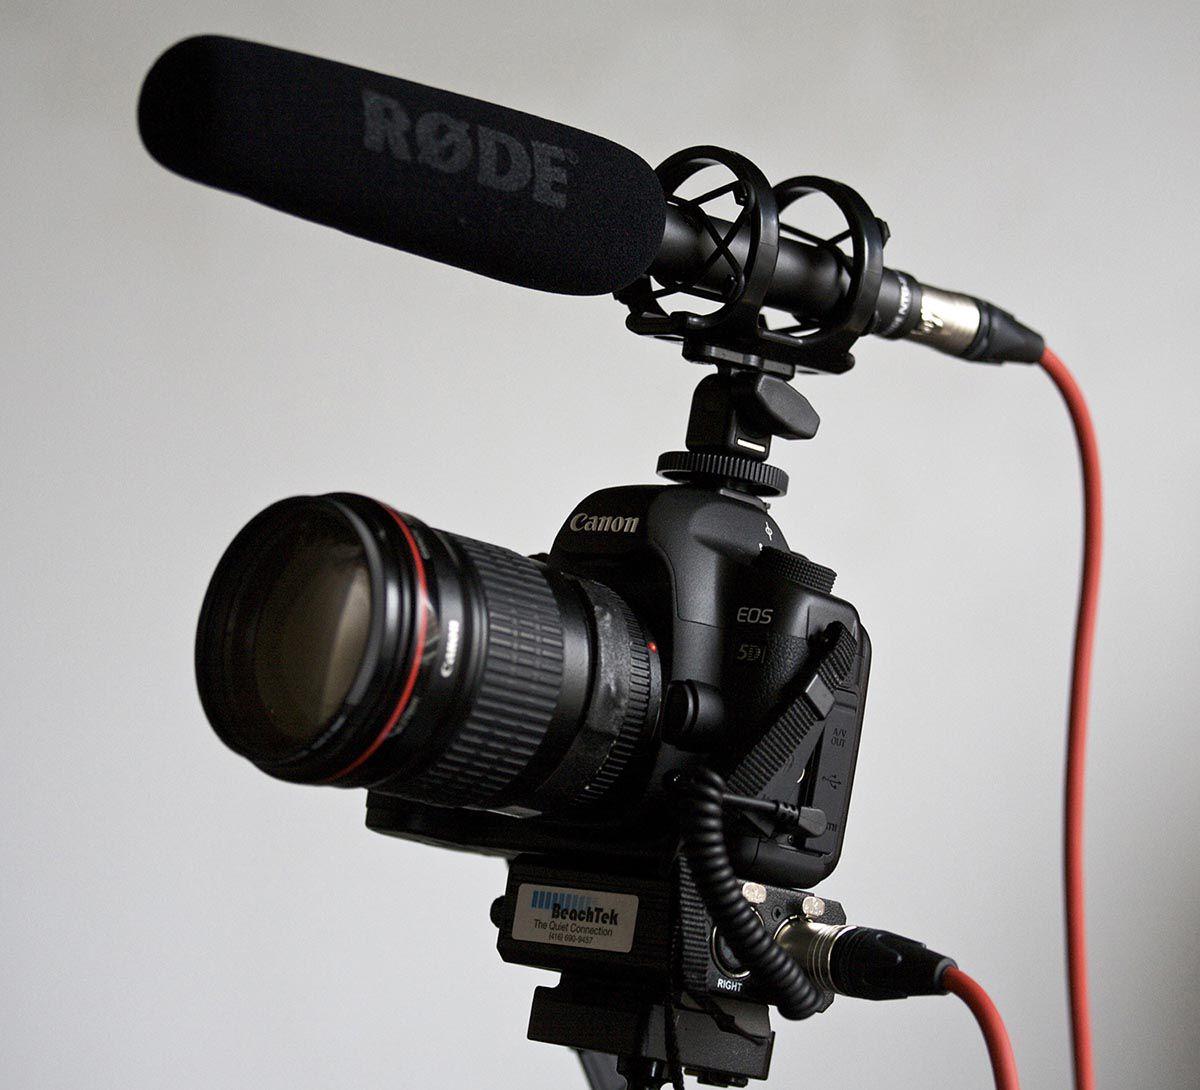 Microfone direcional Condensador Supercardioide | pilha AA (1.5V) ou Phantom P48 | RODE | NTG2